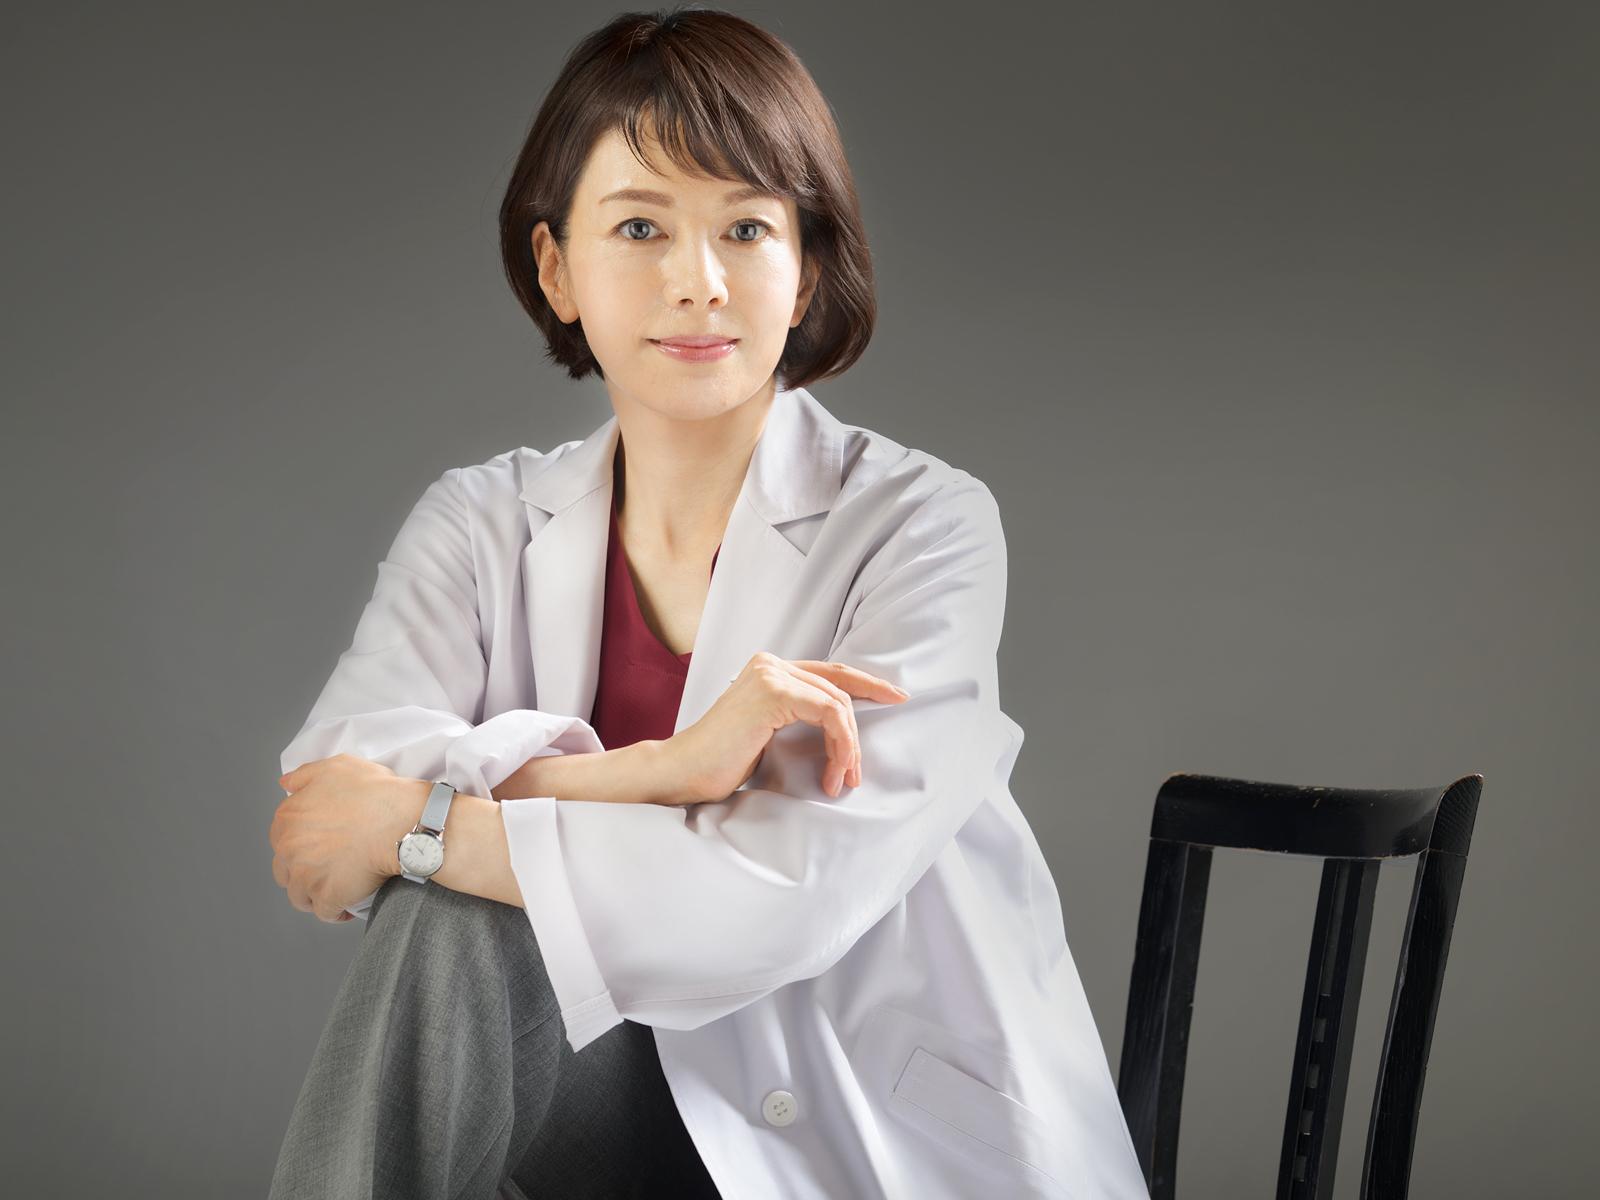 沢口靖子さん、「キャリア優先」の30代で出会えたもの | 朝日新聞デジタルマガジン&[and]